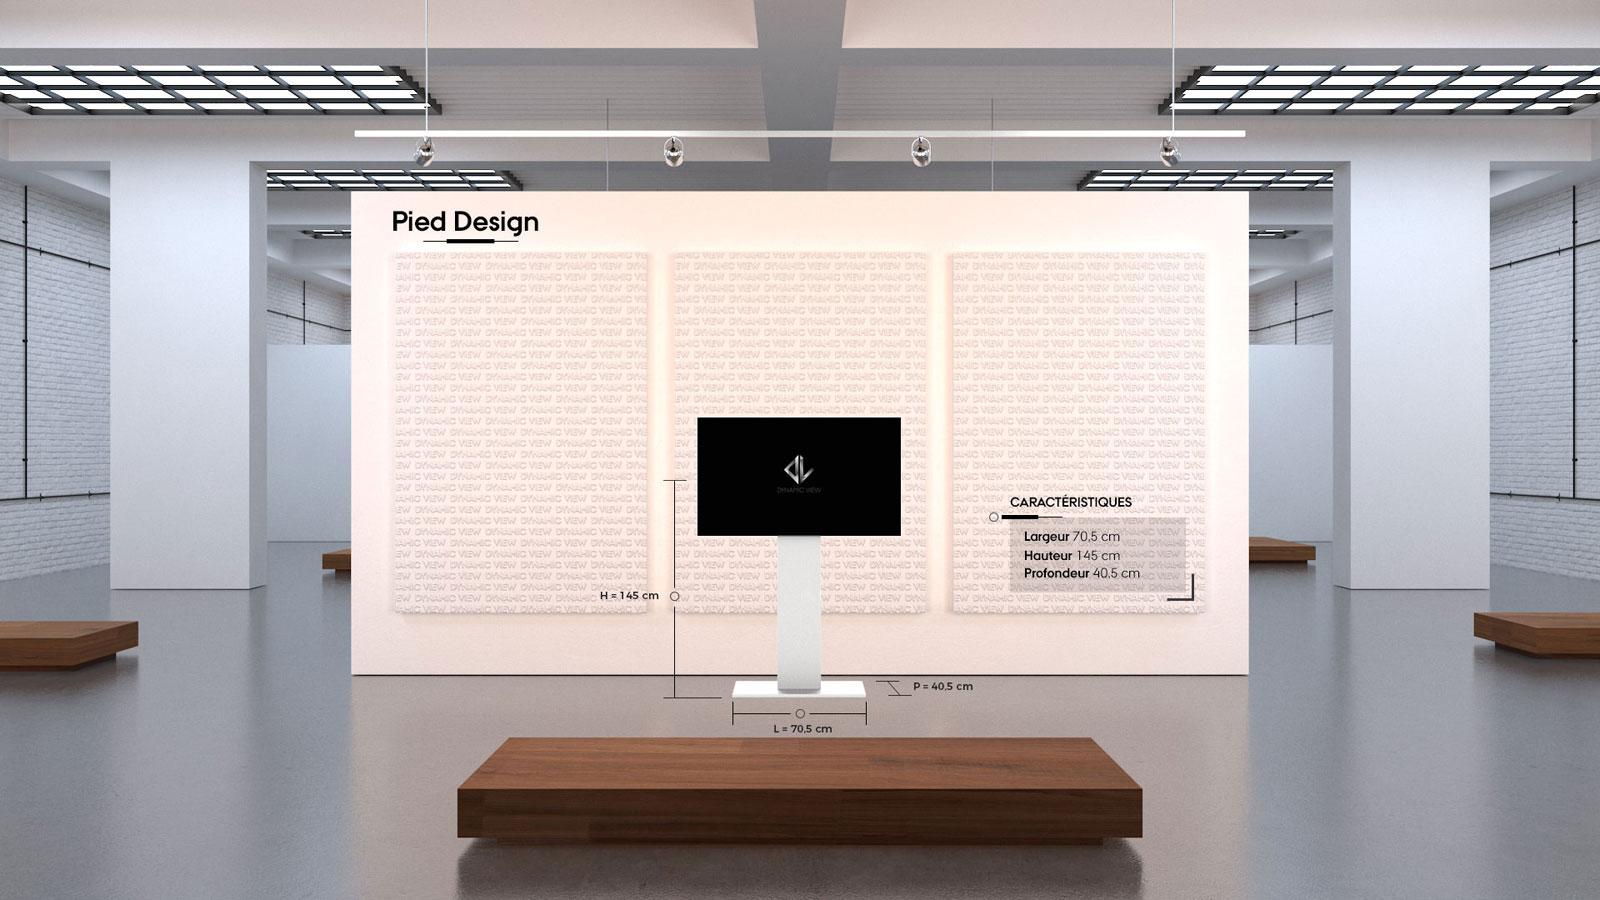 46 Pied Design